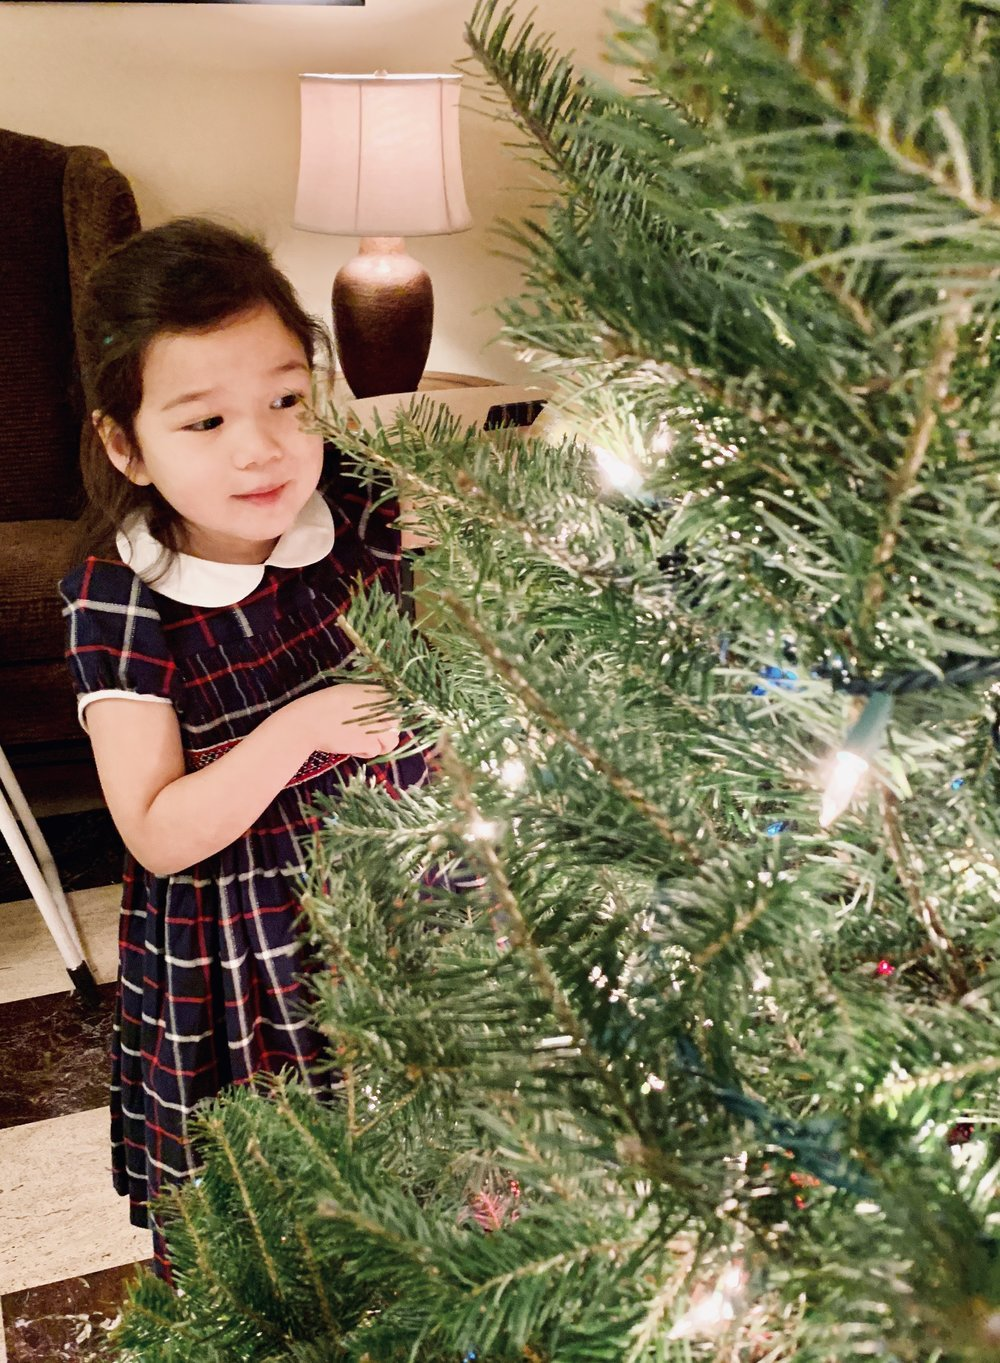 Christmas dress - handmade smocke dress - Paris boutique - kids